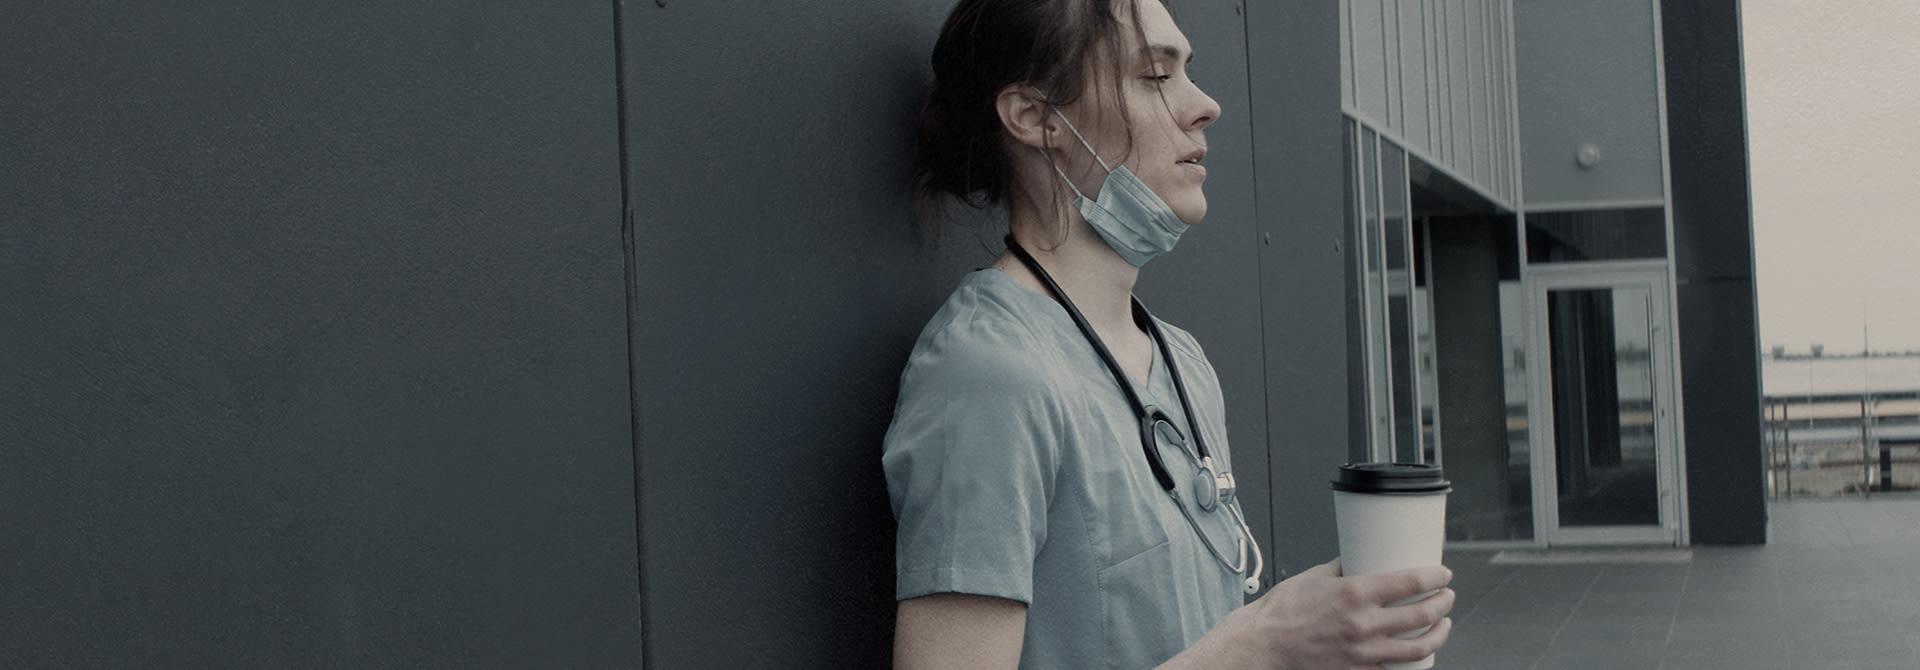 covid nurse